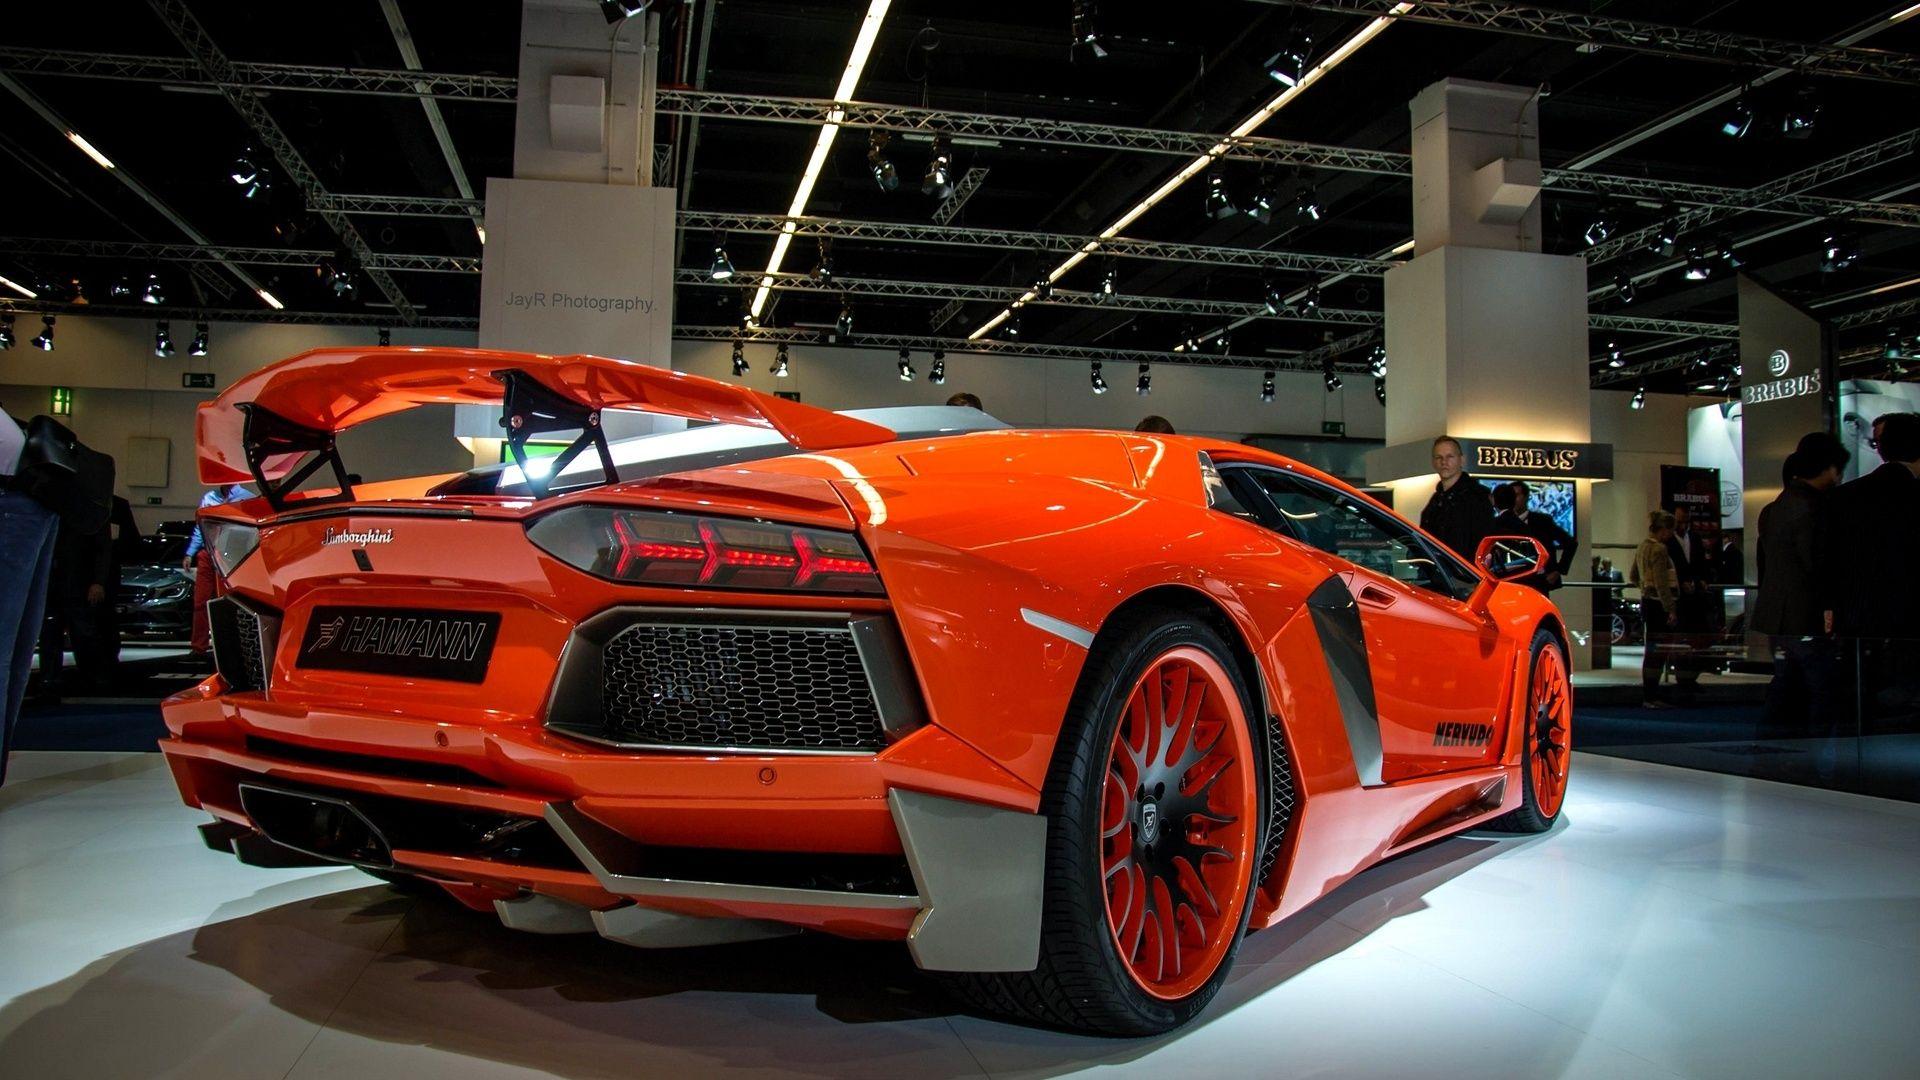 Orange Lamborghini Aventador Super Car Wallpaper - http://www.gbwallpapers.com/orange-lamborghini-aventador-super-car-wallpaper/ (Aventador, Lamborghini, Orange, super car, Wallpaper / Cars)